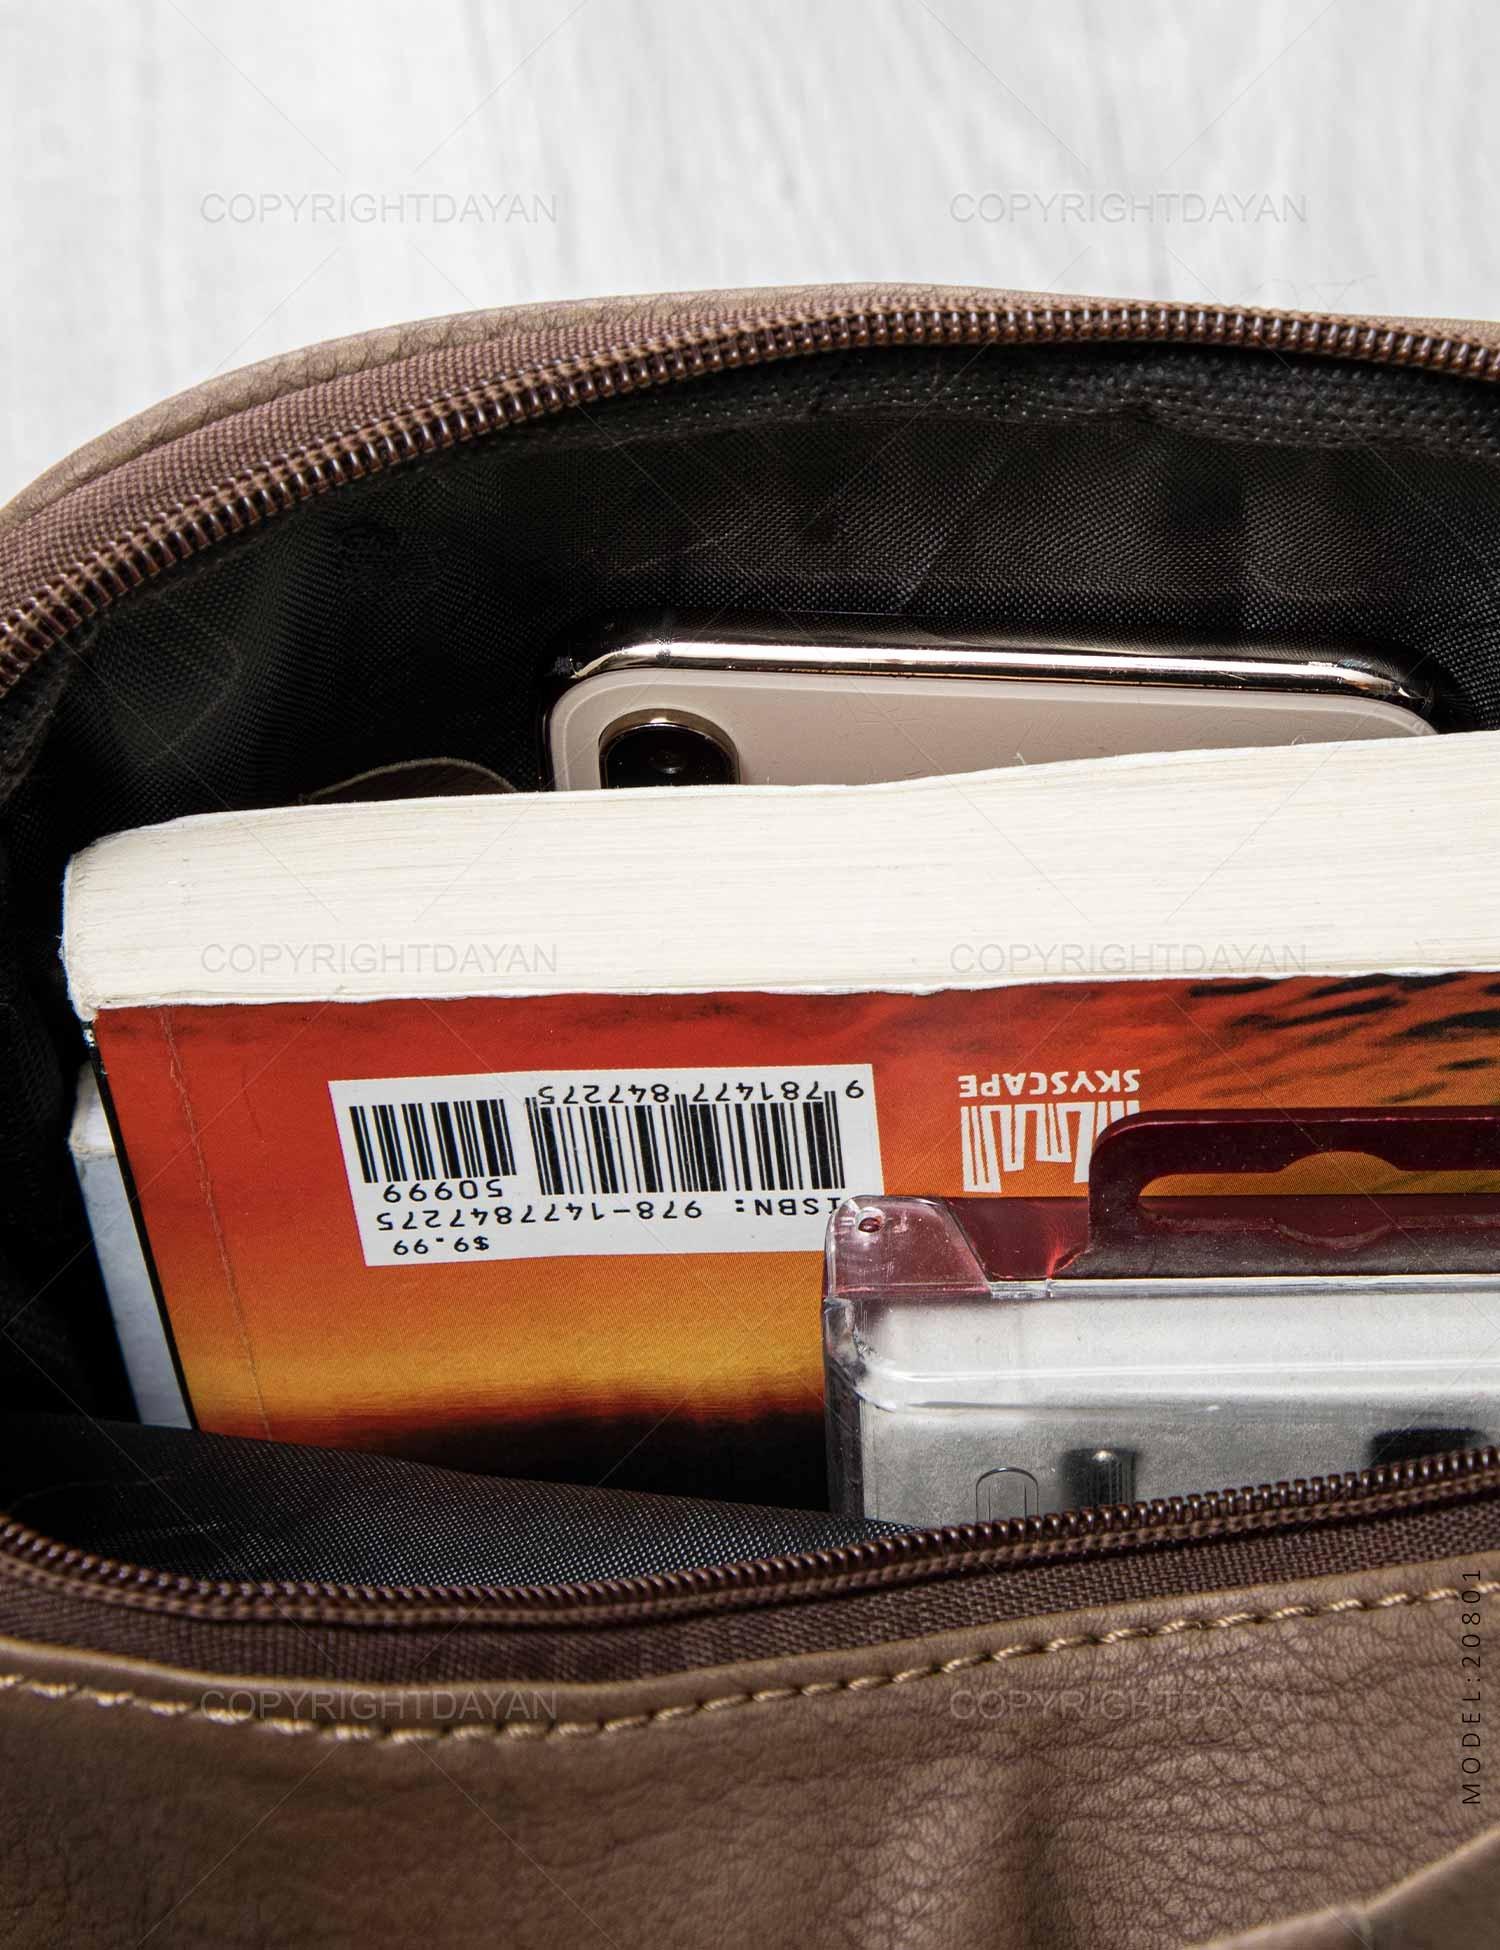 ست کیف دوشی و کیف پالتویی Cat مدل 20801